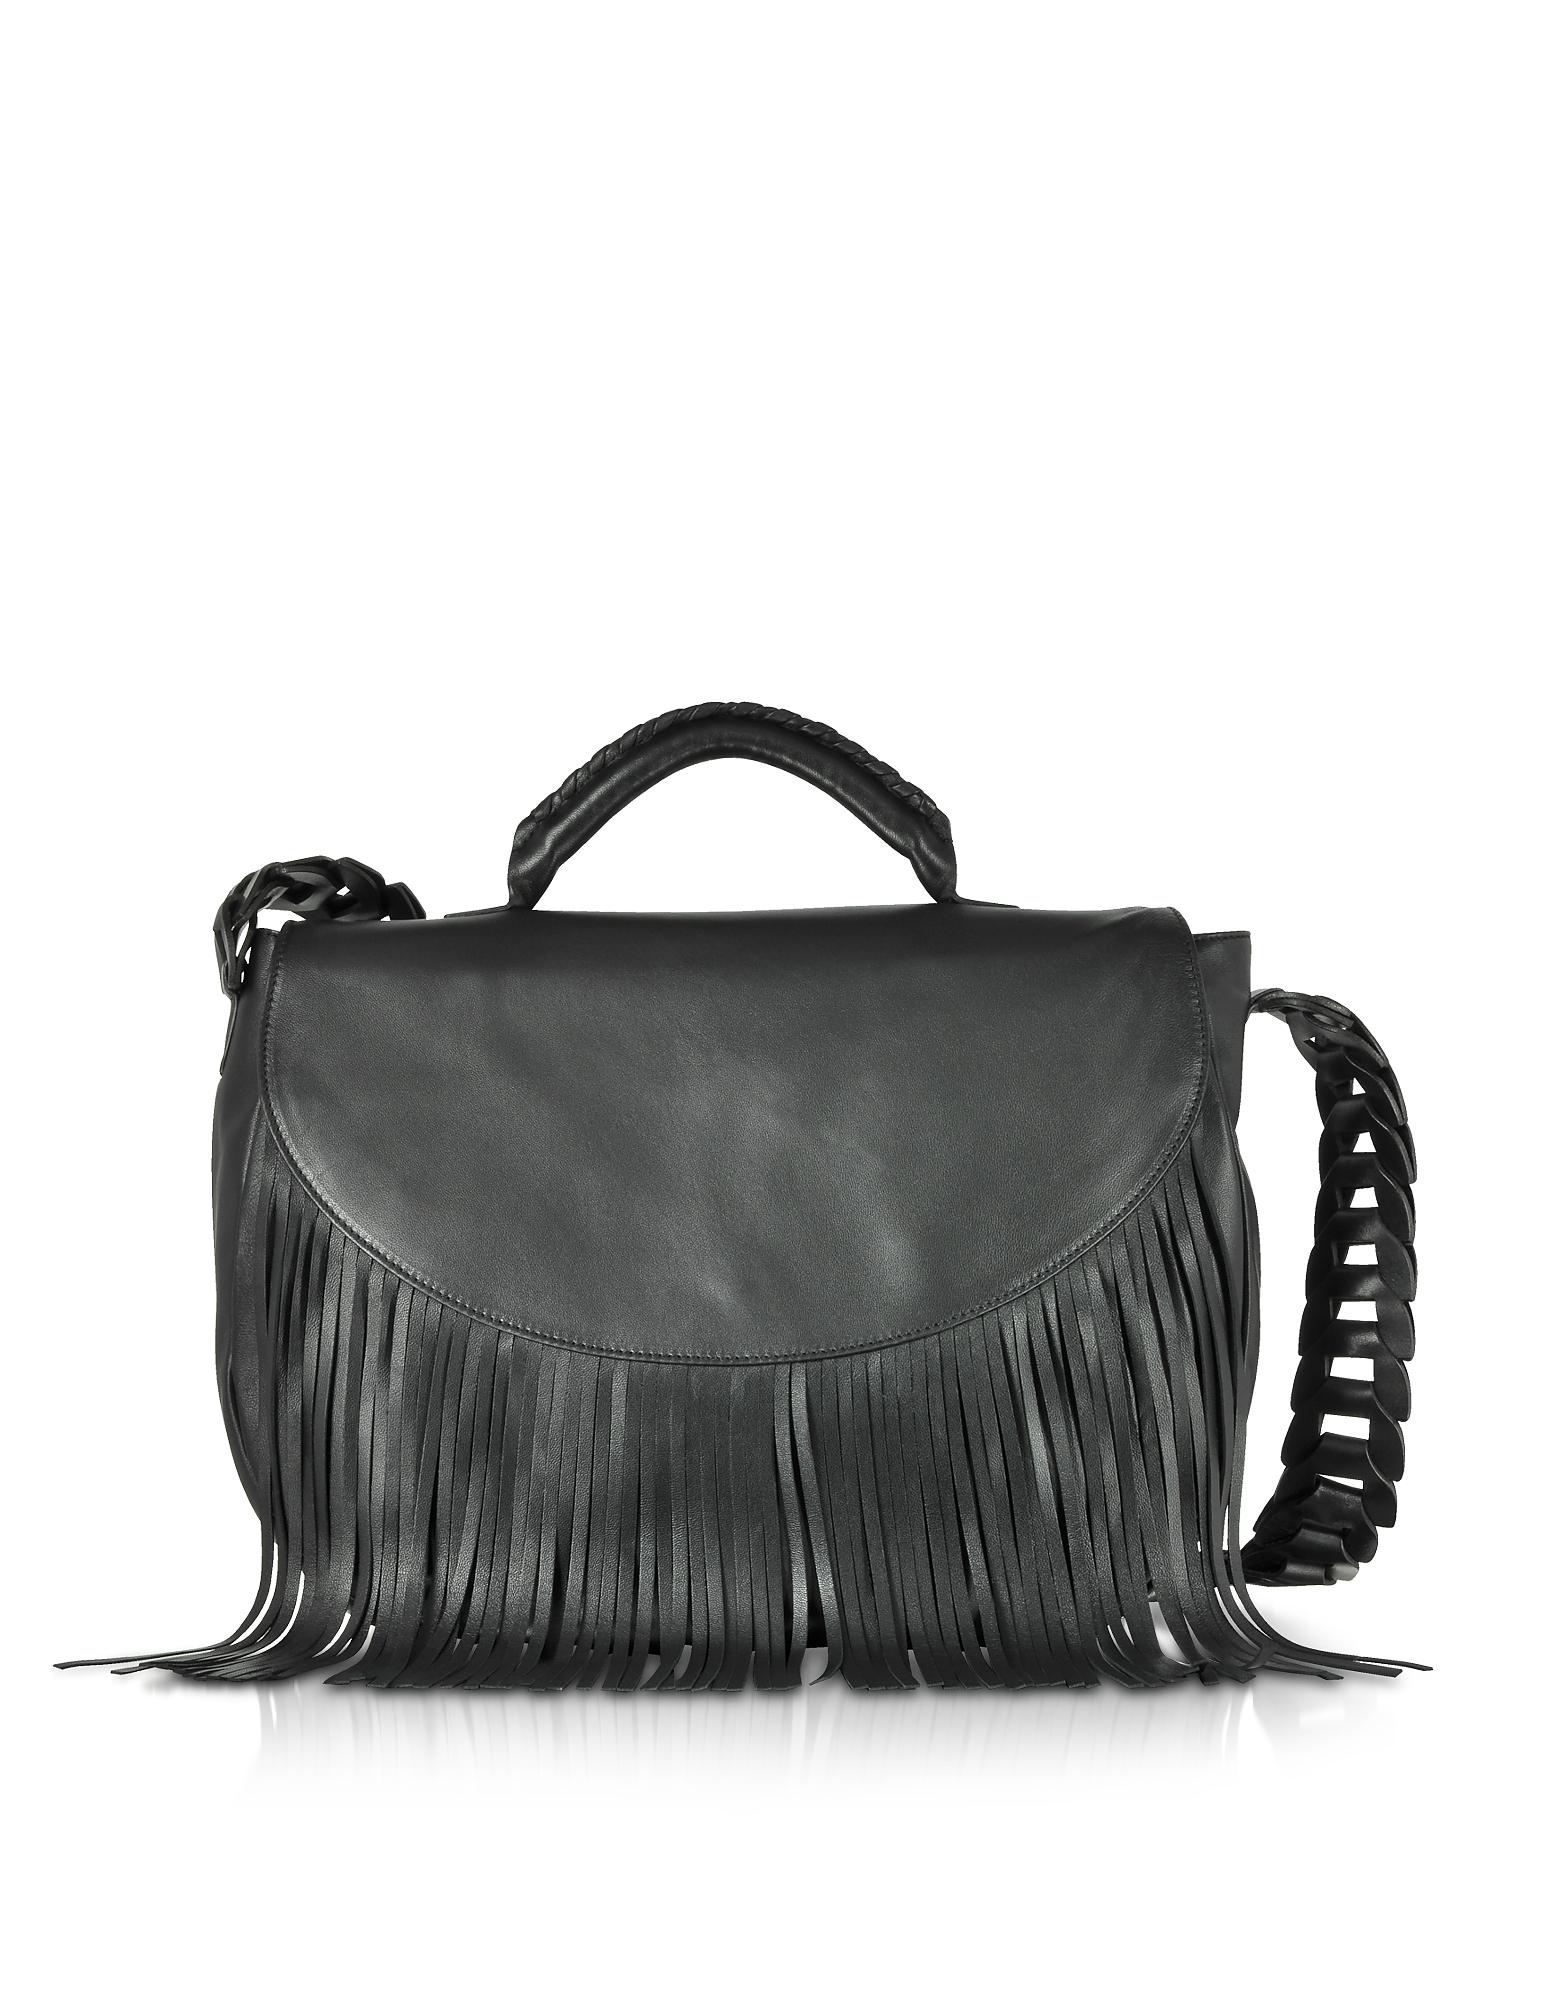 RED Valentino Handbags, Black Fringed Leather Shoulder Bag